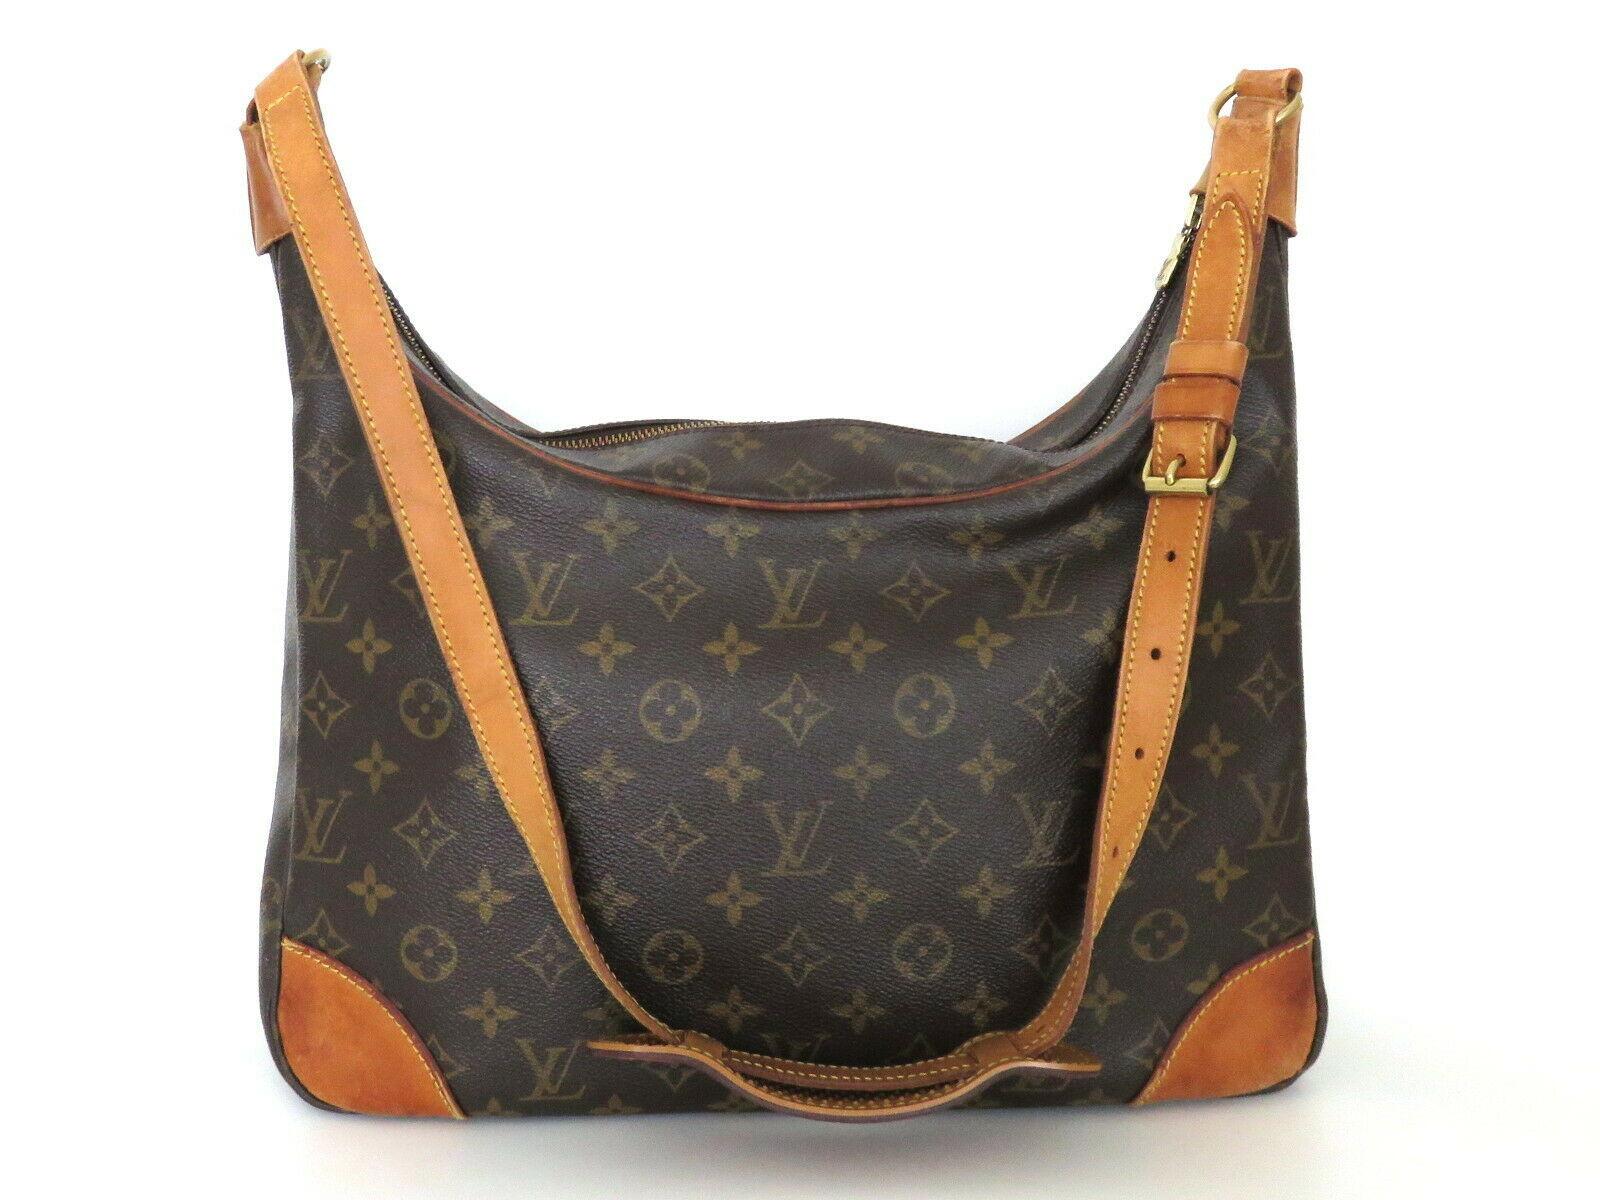 Authentic LOUIS VUITTON Monogram Canvas Leather Boulogne 35 Shoulder Bag